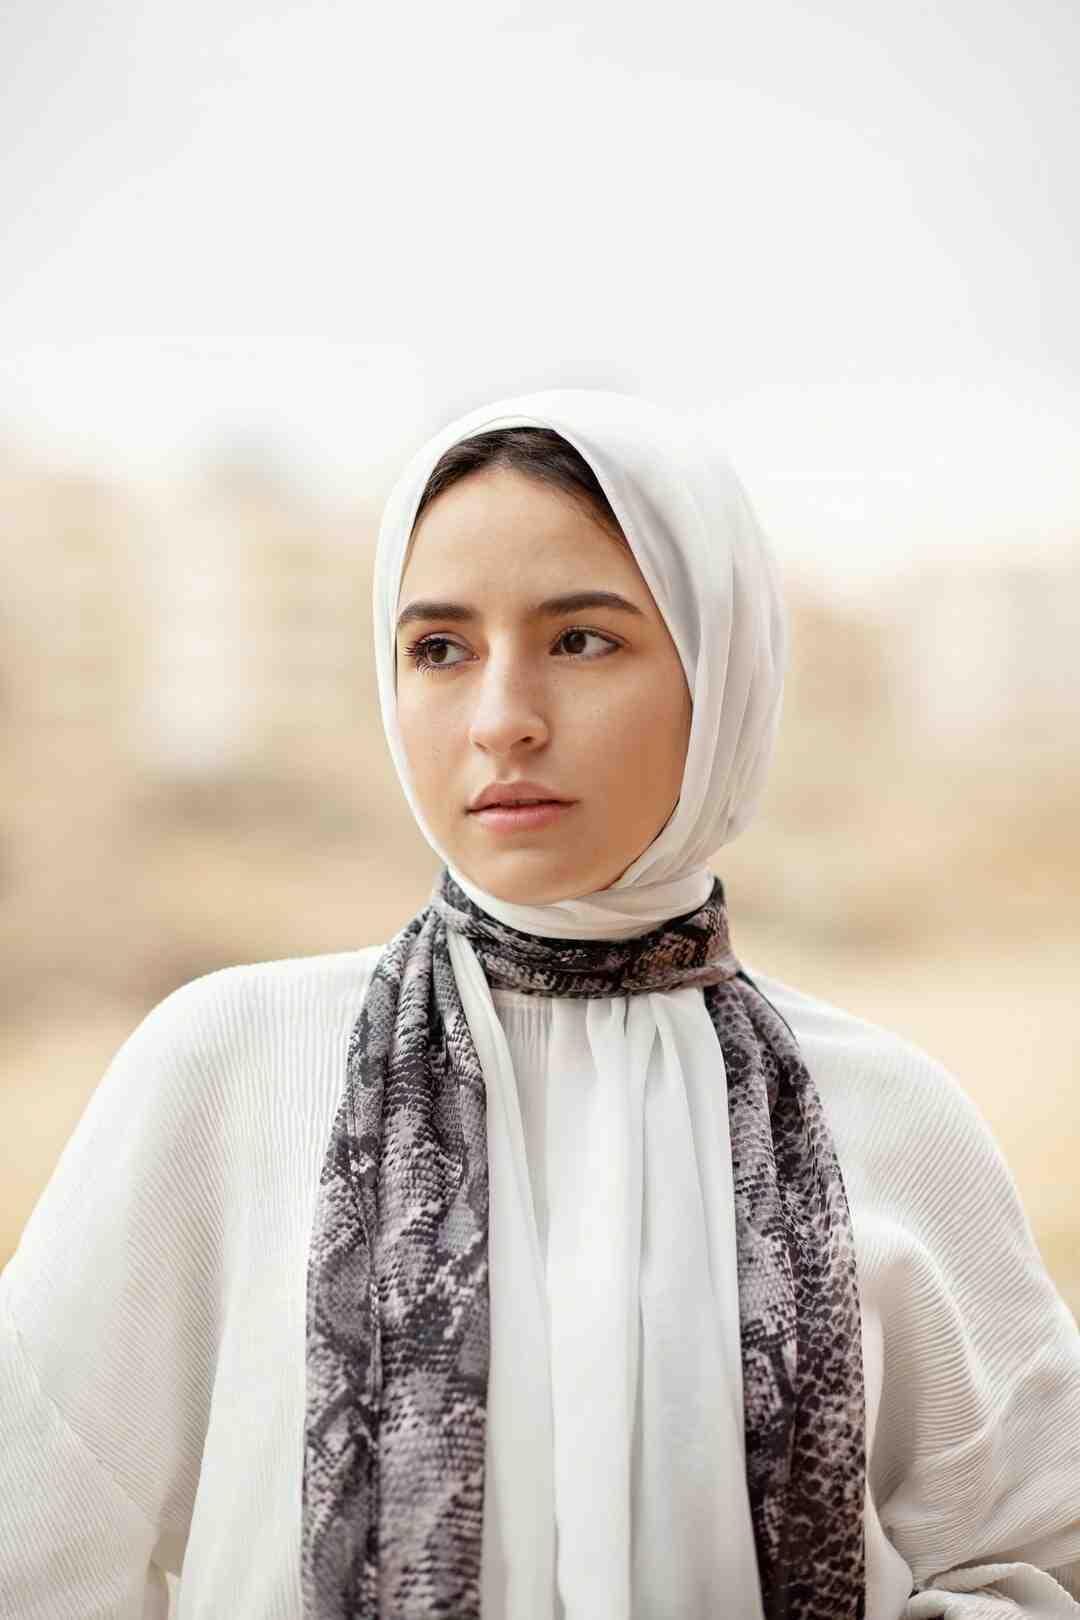 Comment attacher le foulard simple ?